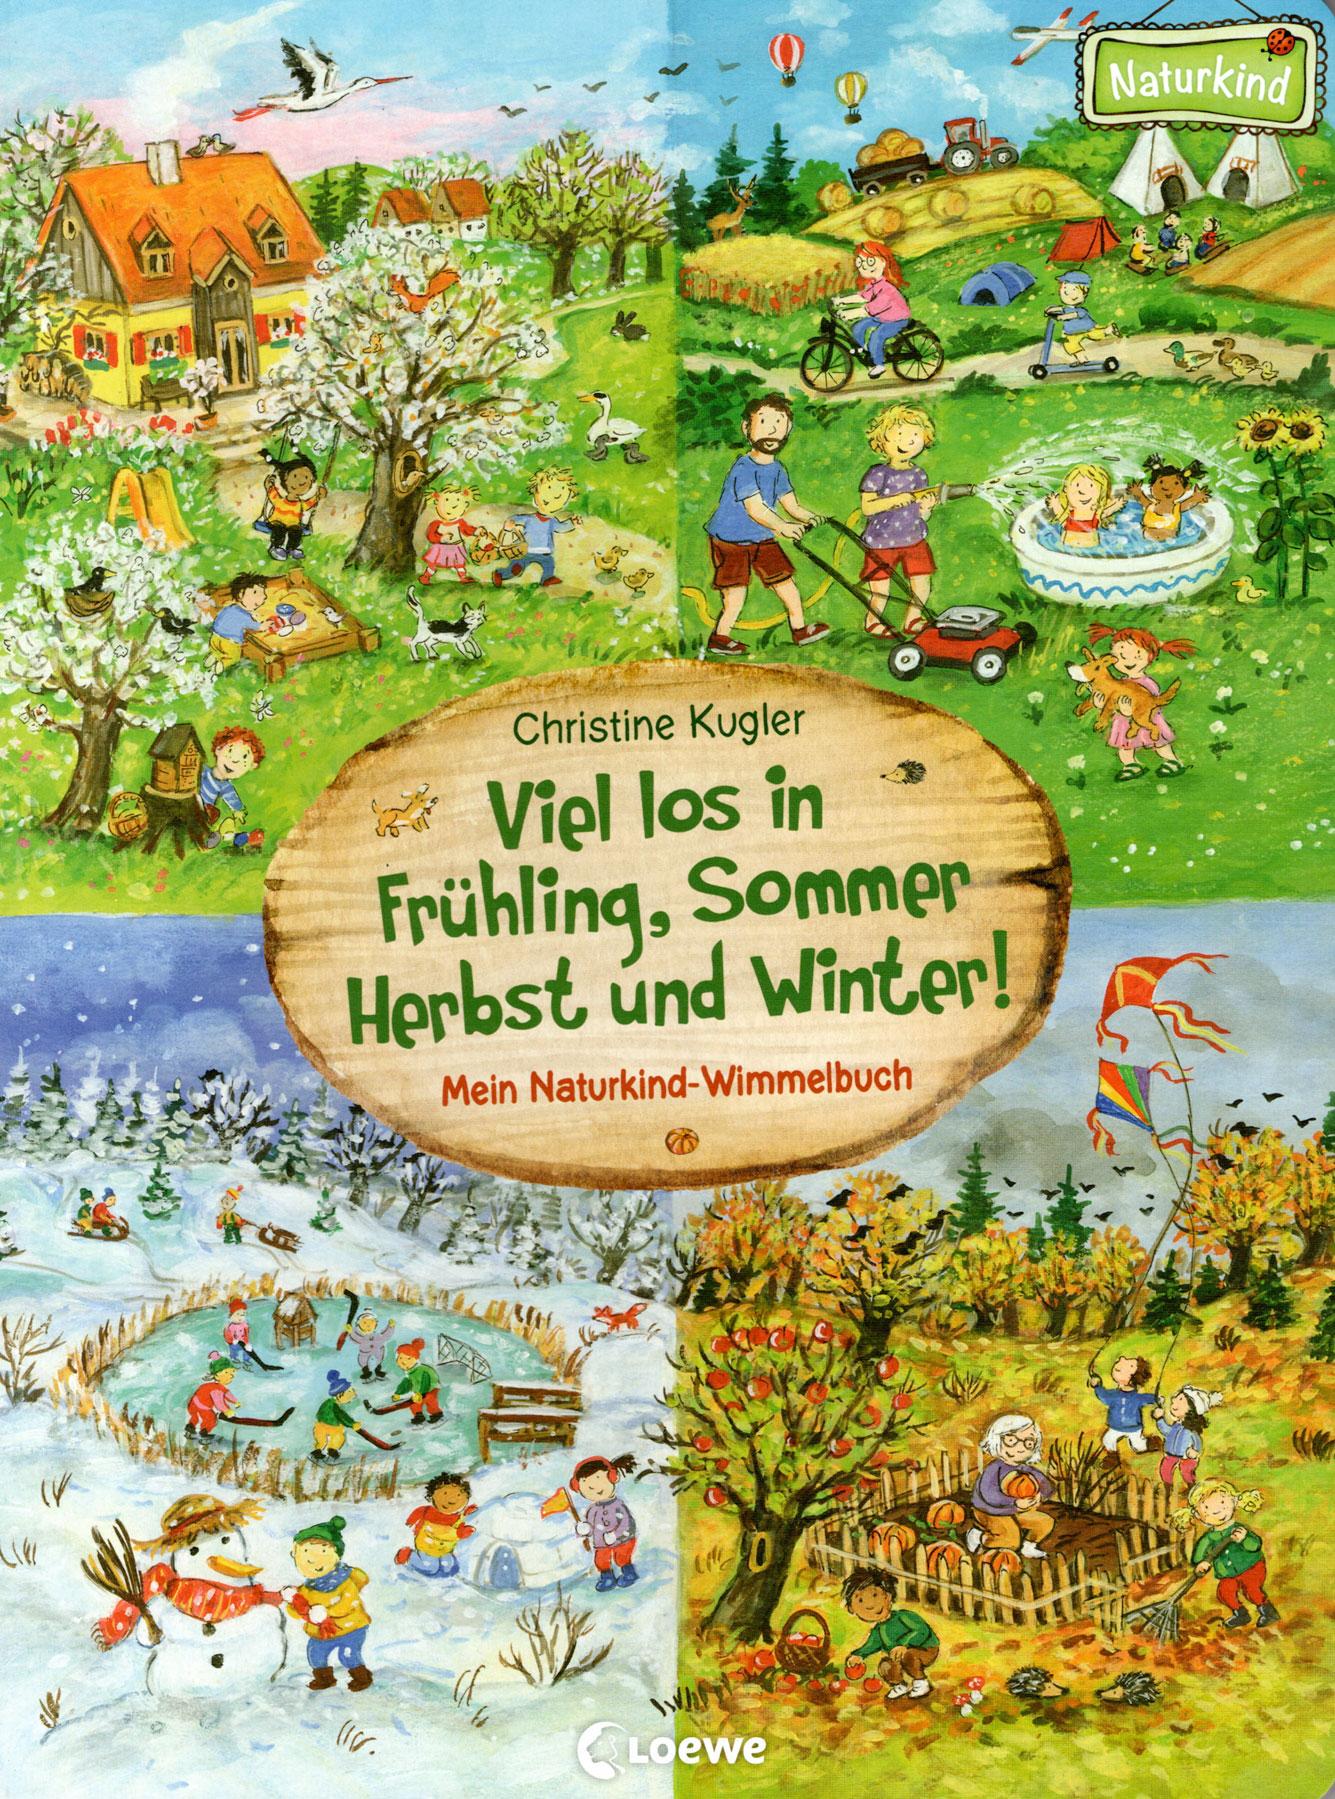 viel-los-in-fruehling-sommer-herbst-und-